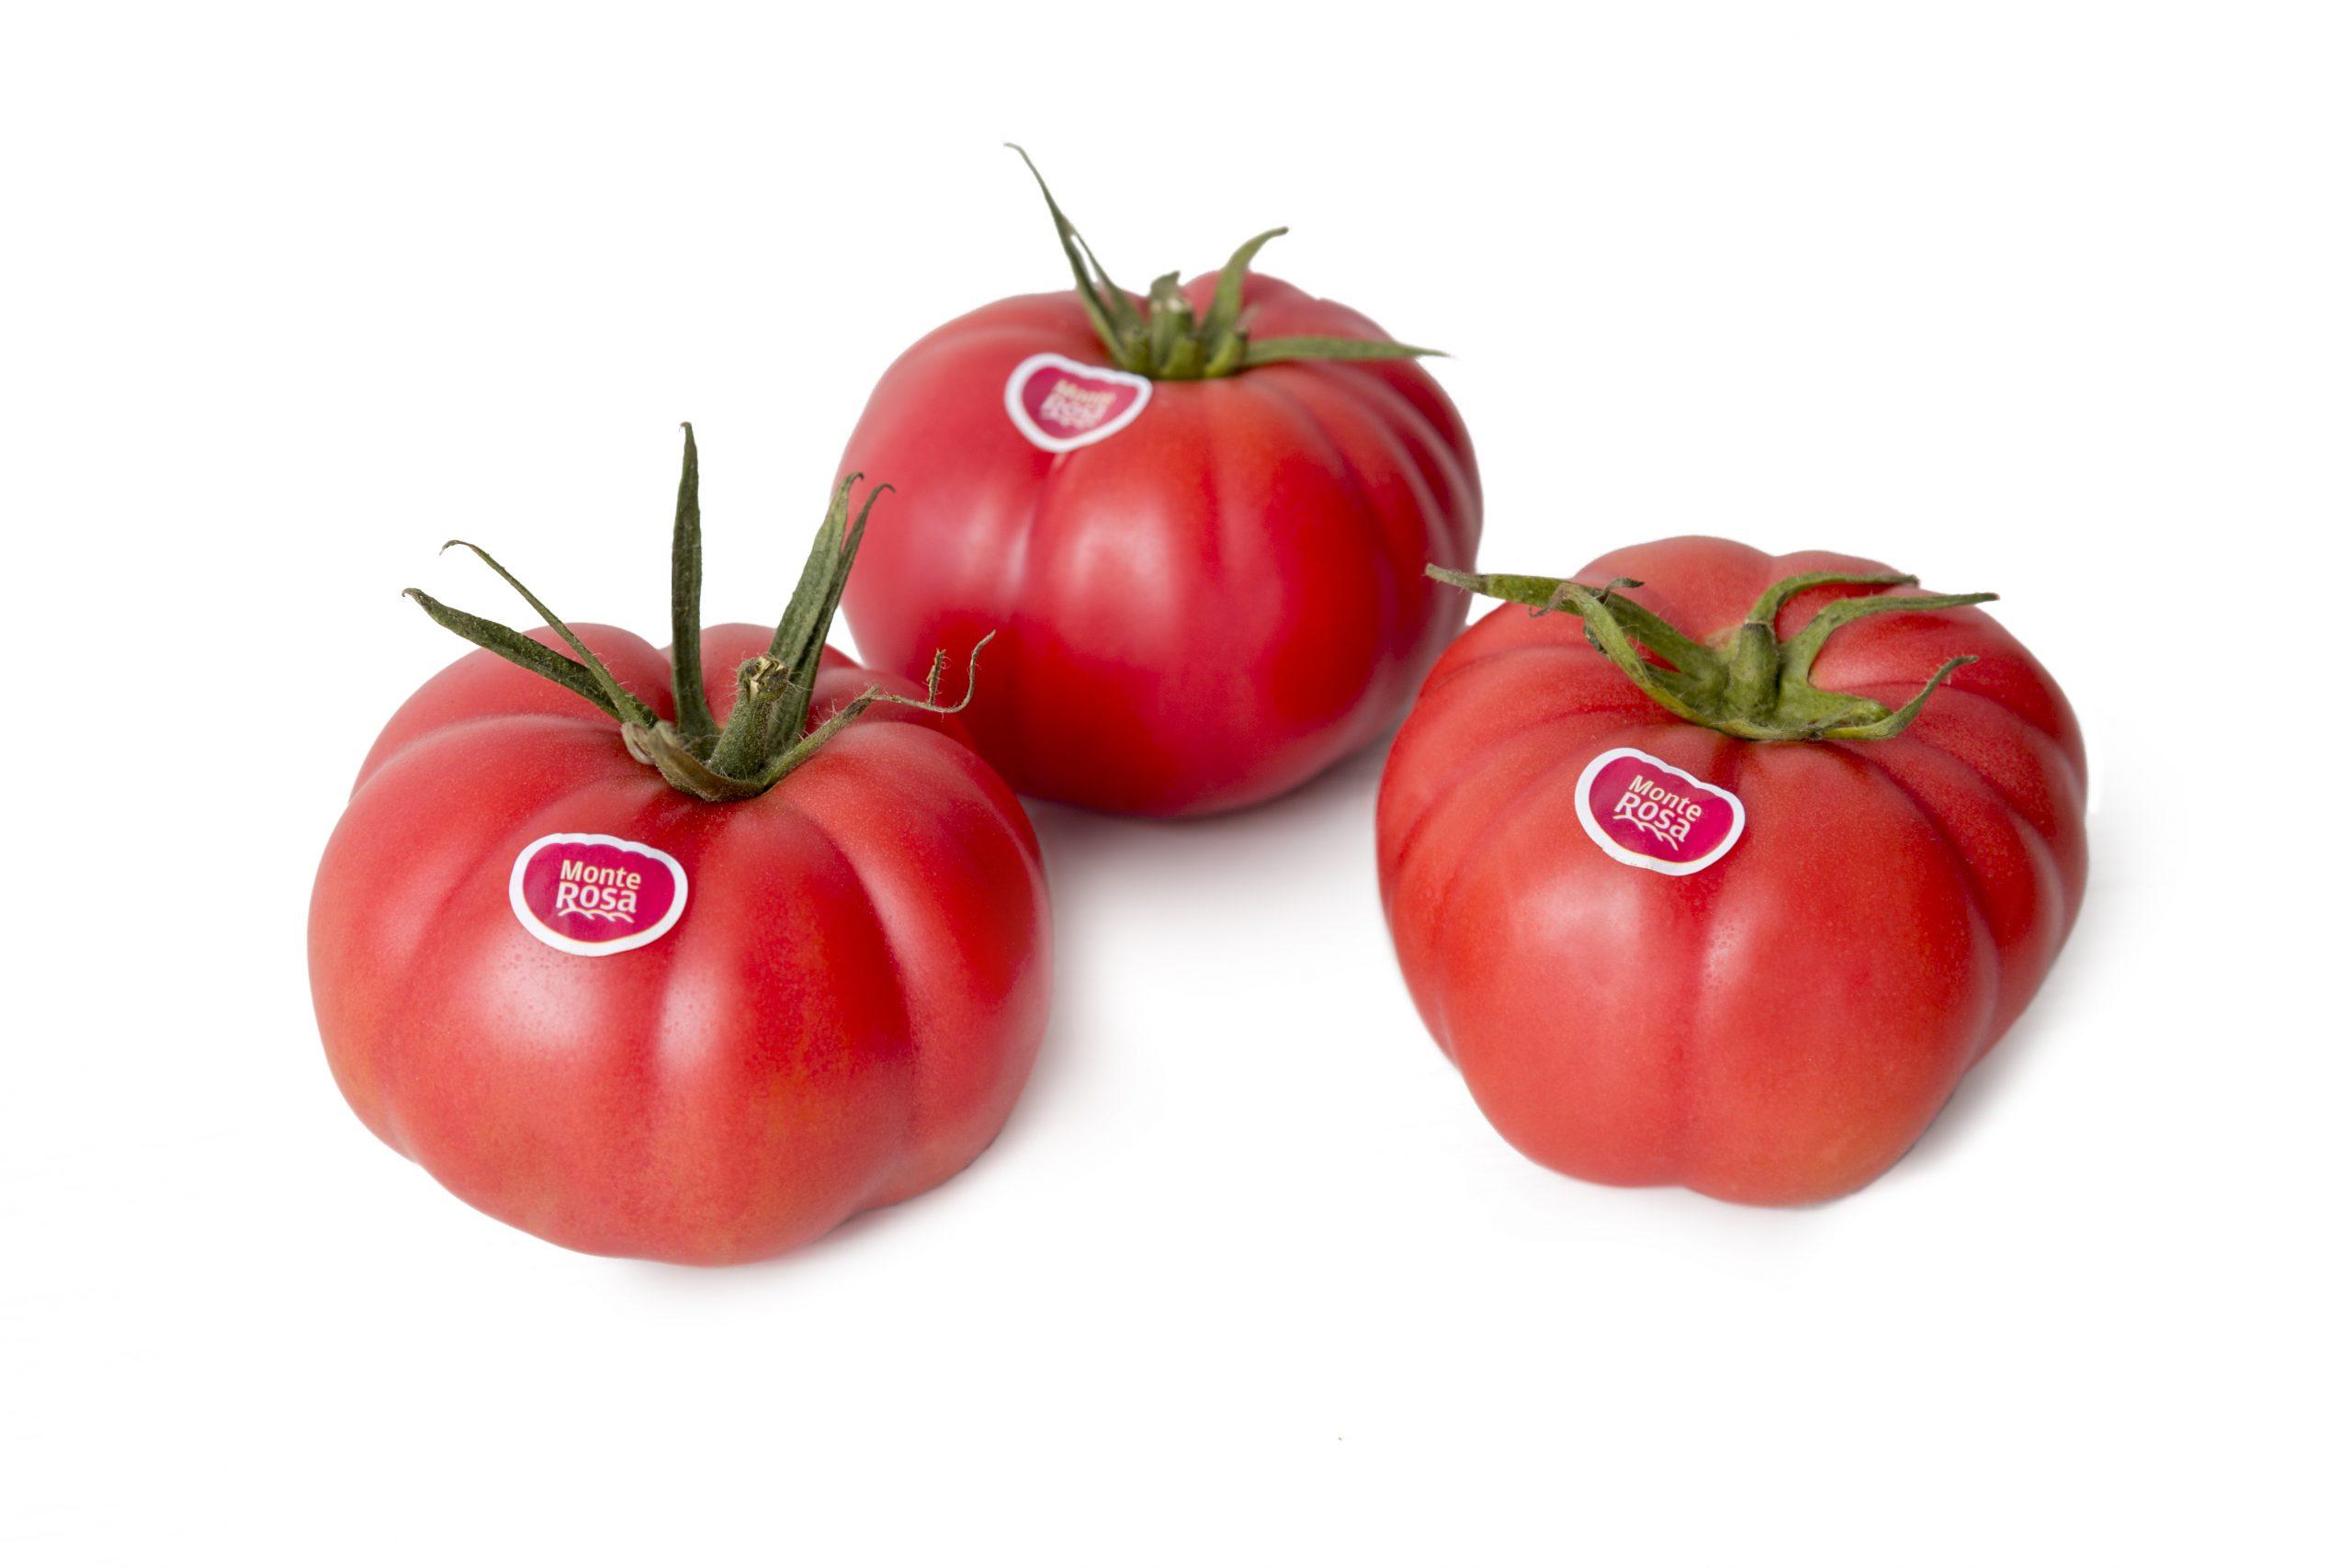 Tomate Monterosa foi eleito o melhor produto natural e ecológico!